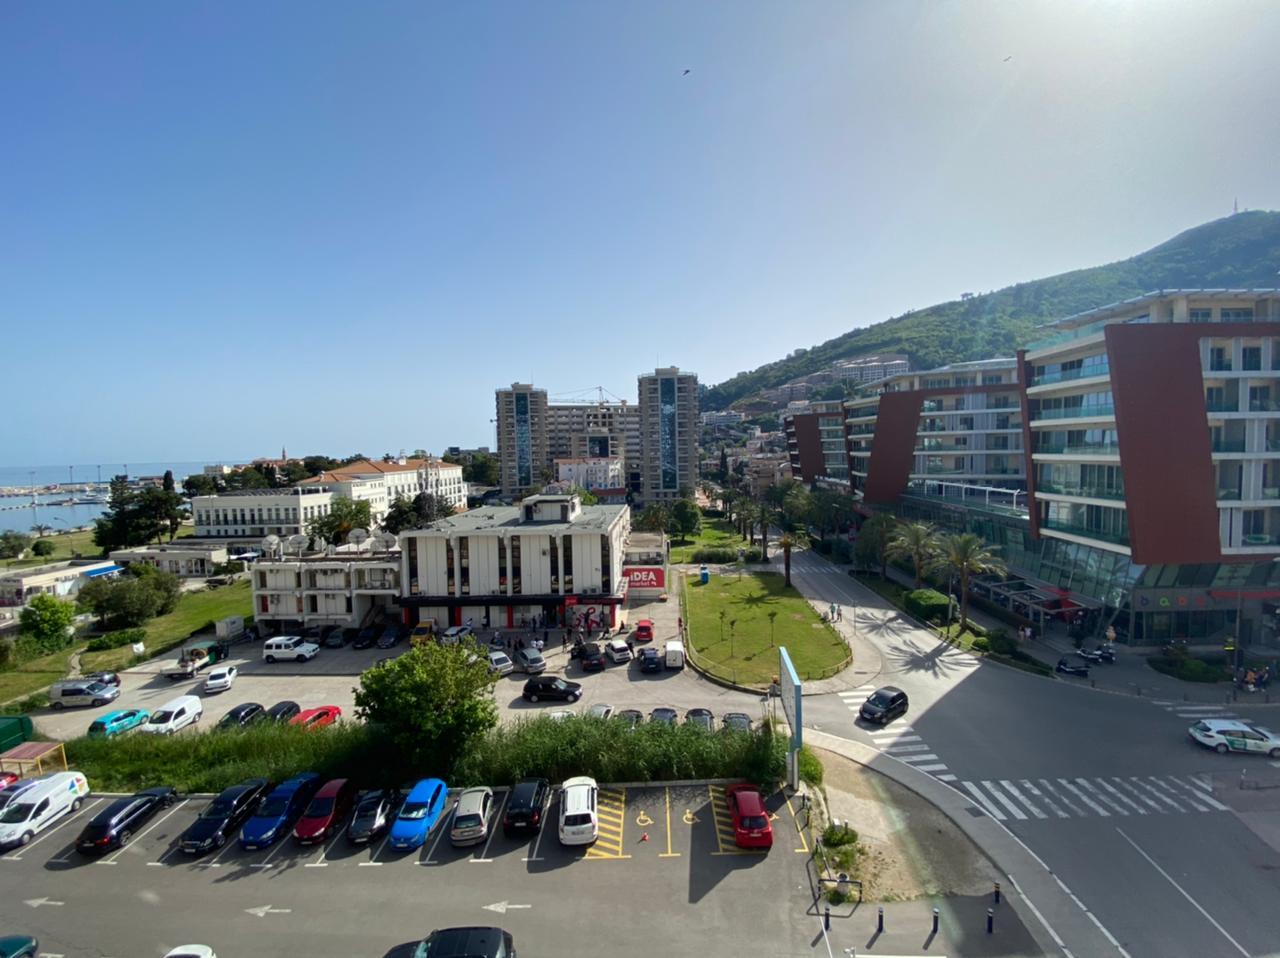 amforaproperty.com/Nov jednosoban stan od 50m2 sa pogledom na more i Stari grad u strogom centru Budve! Wow residece!